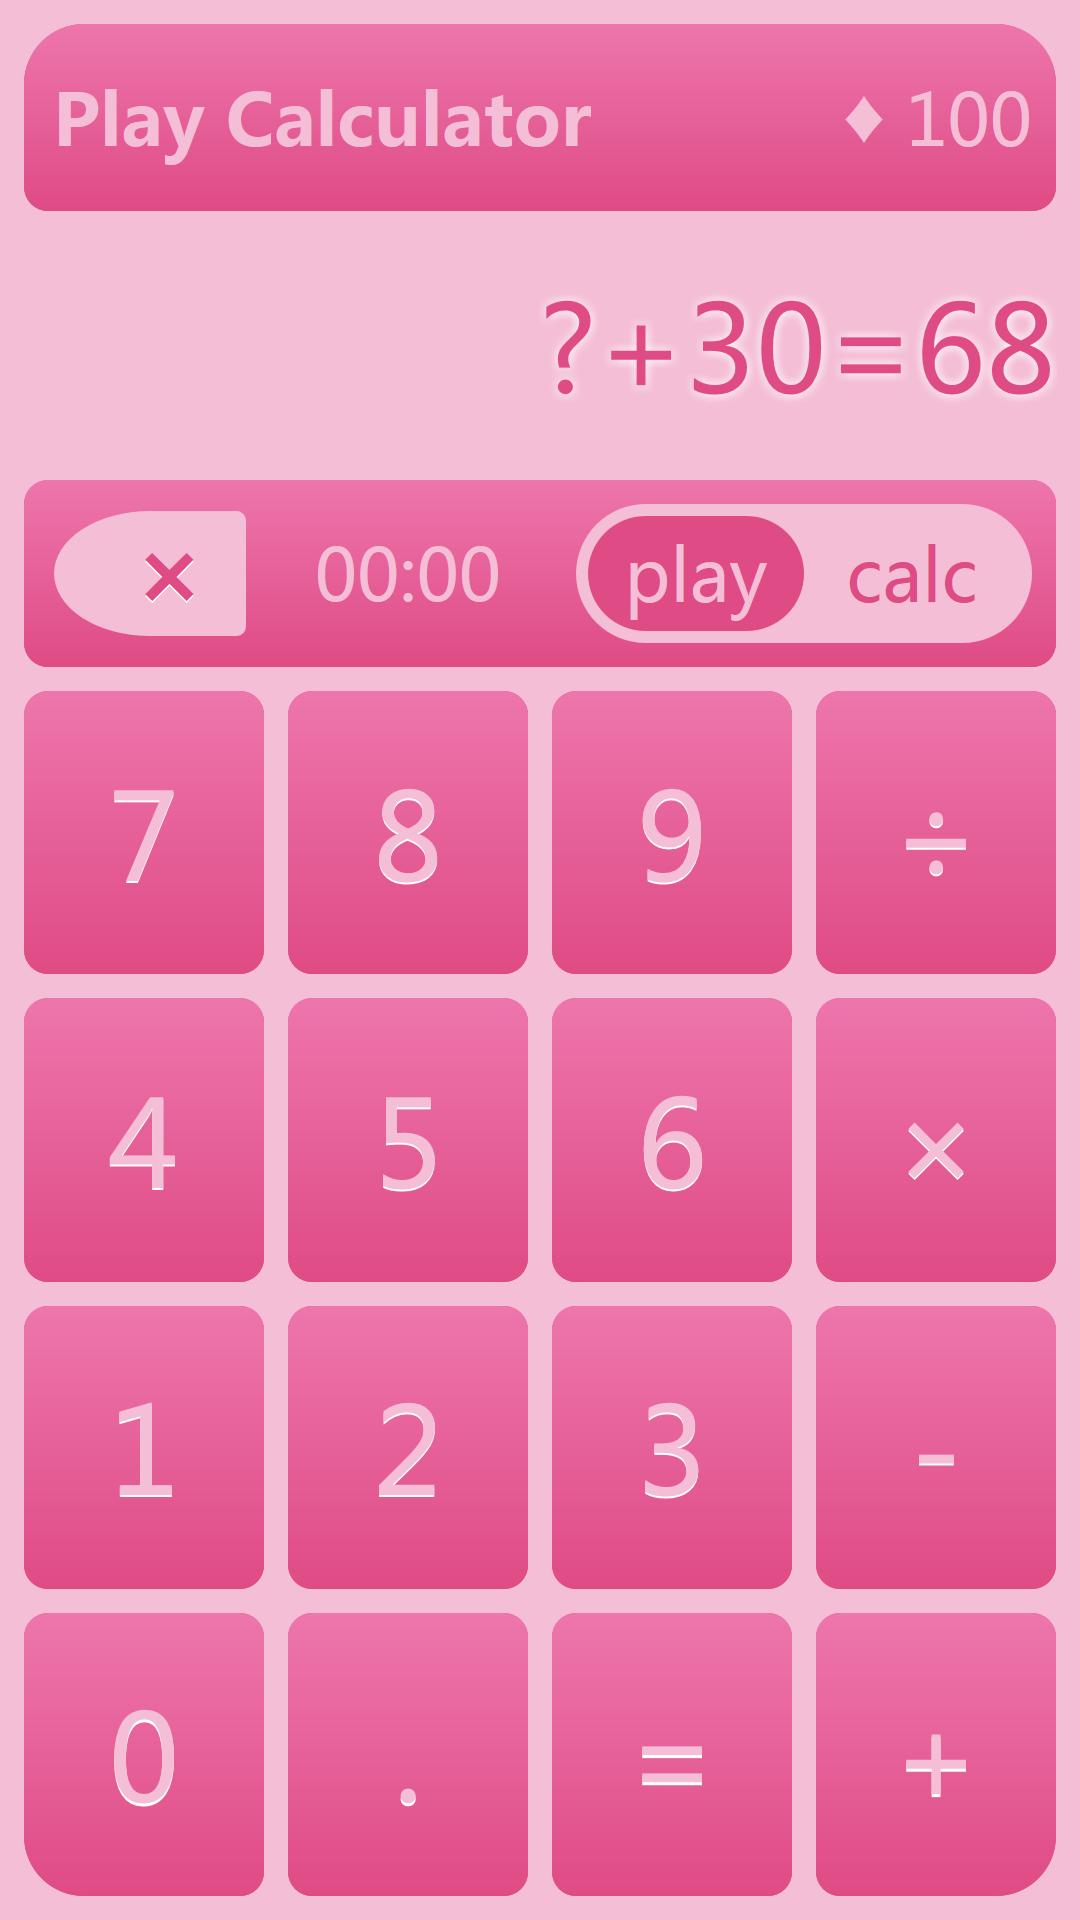 Jugar Calculadora: Amazon.es: Appstore para Android